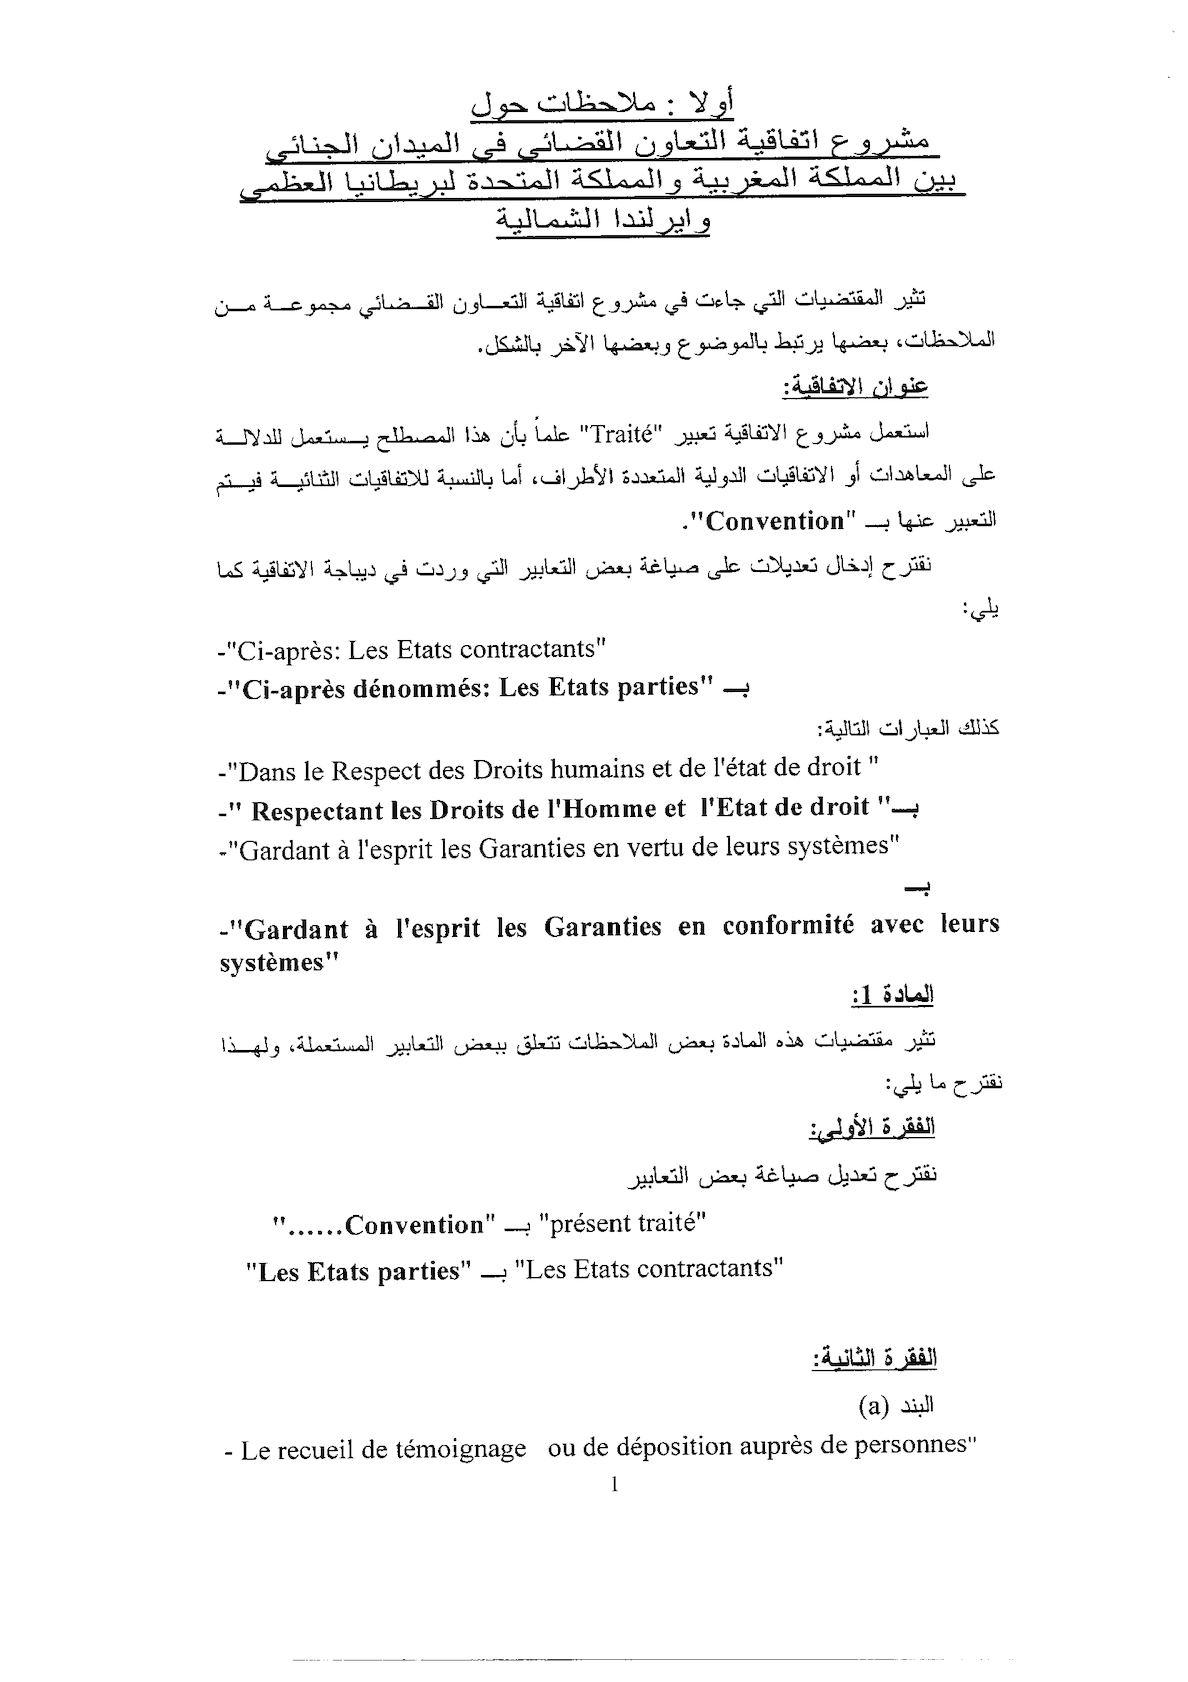 Observations De La Partie Marocaine Accords Pénal Et D'Extradition